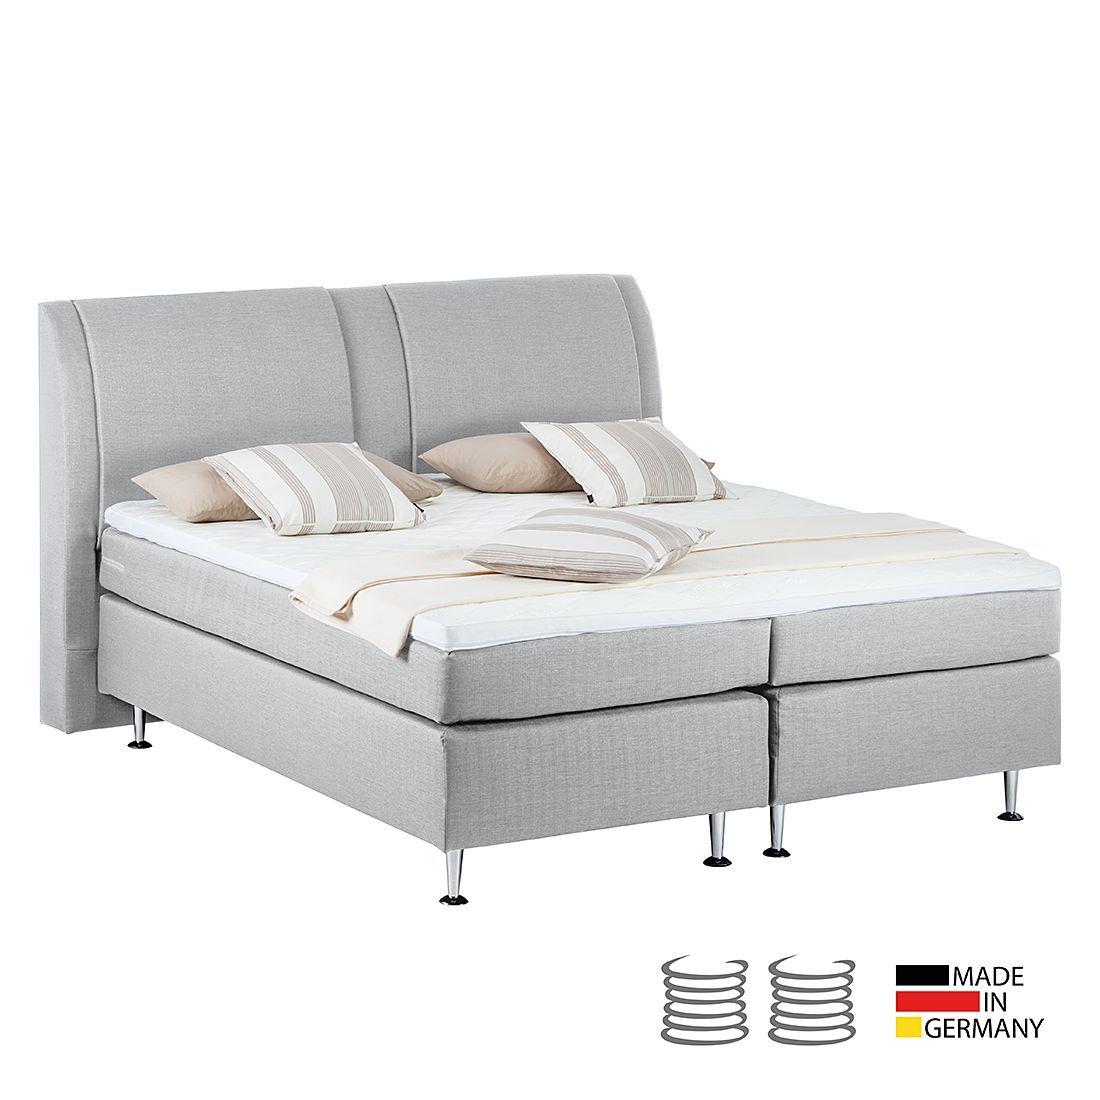 Boxspringbett Bjane Schlafzimmermobel Bettwasche Schwarz Bett Mit Bettkasten